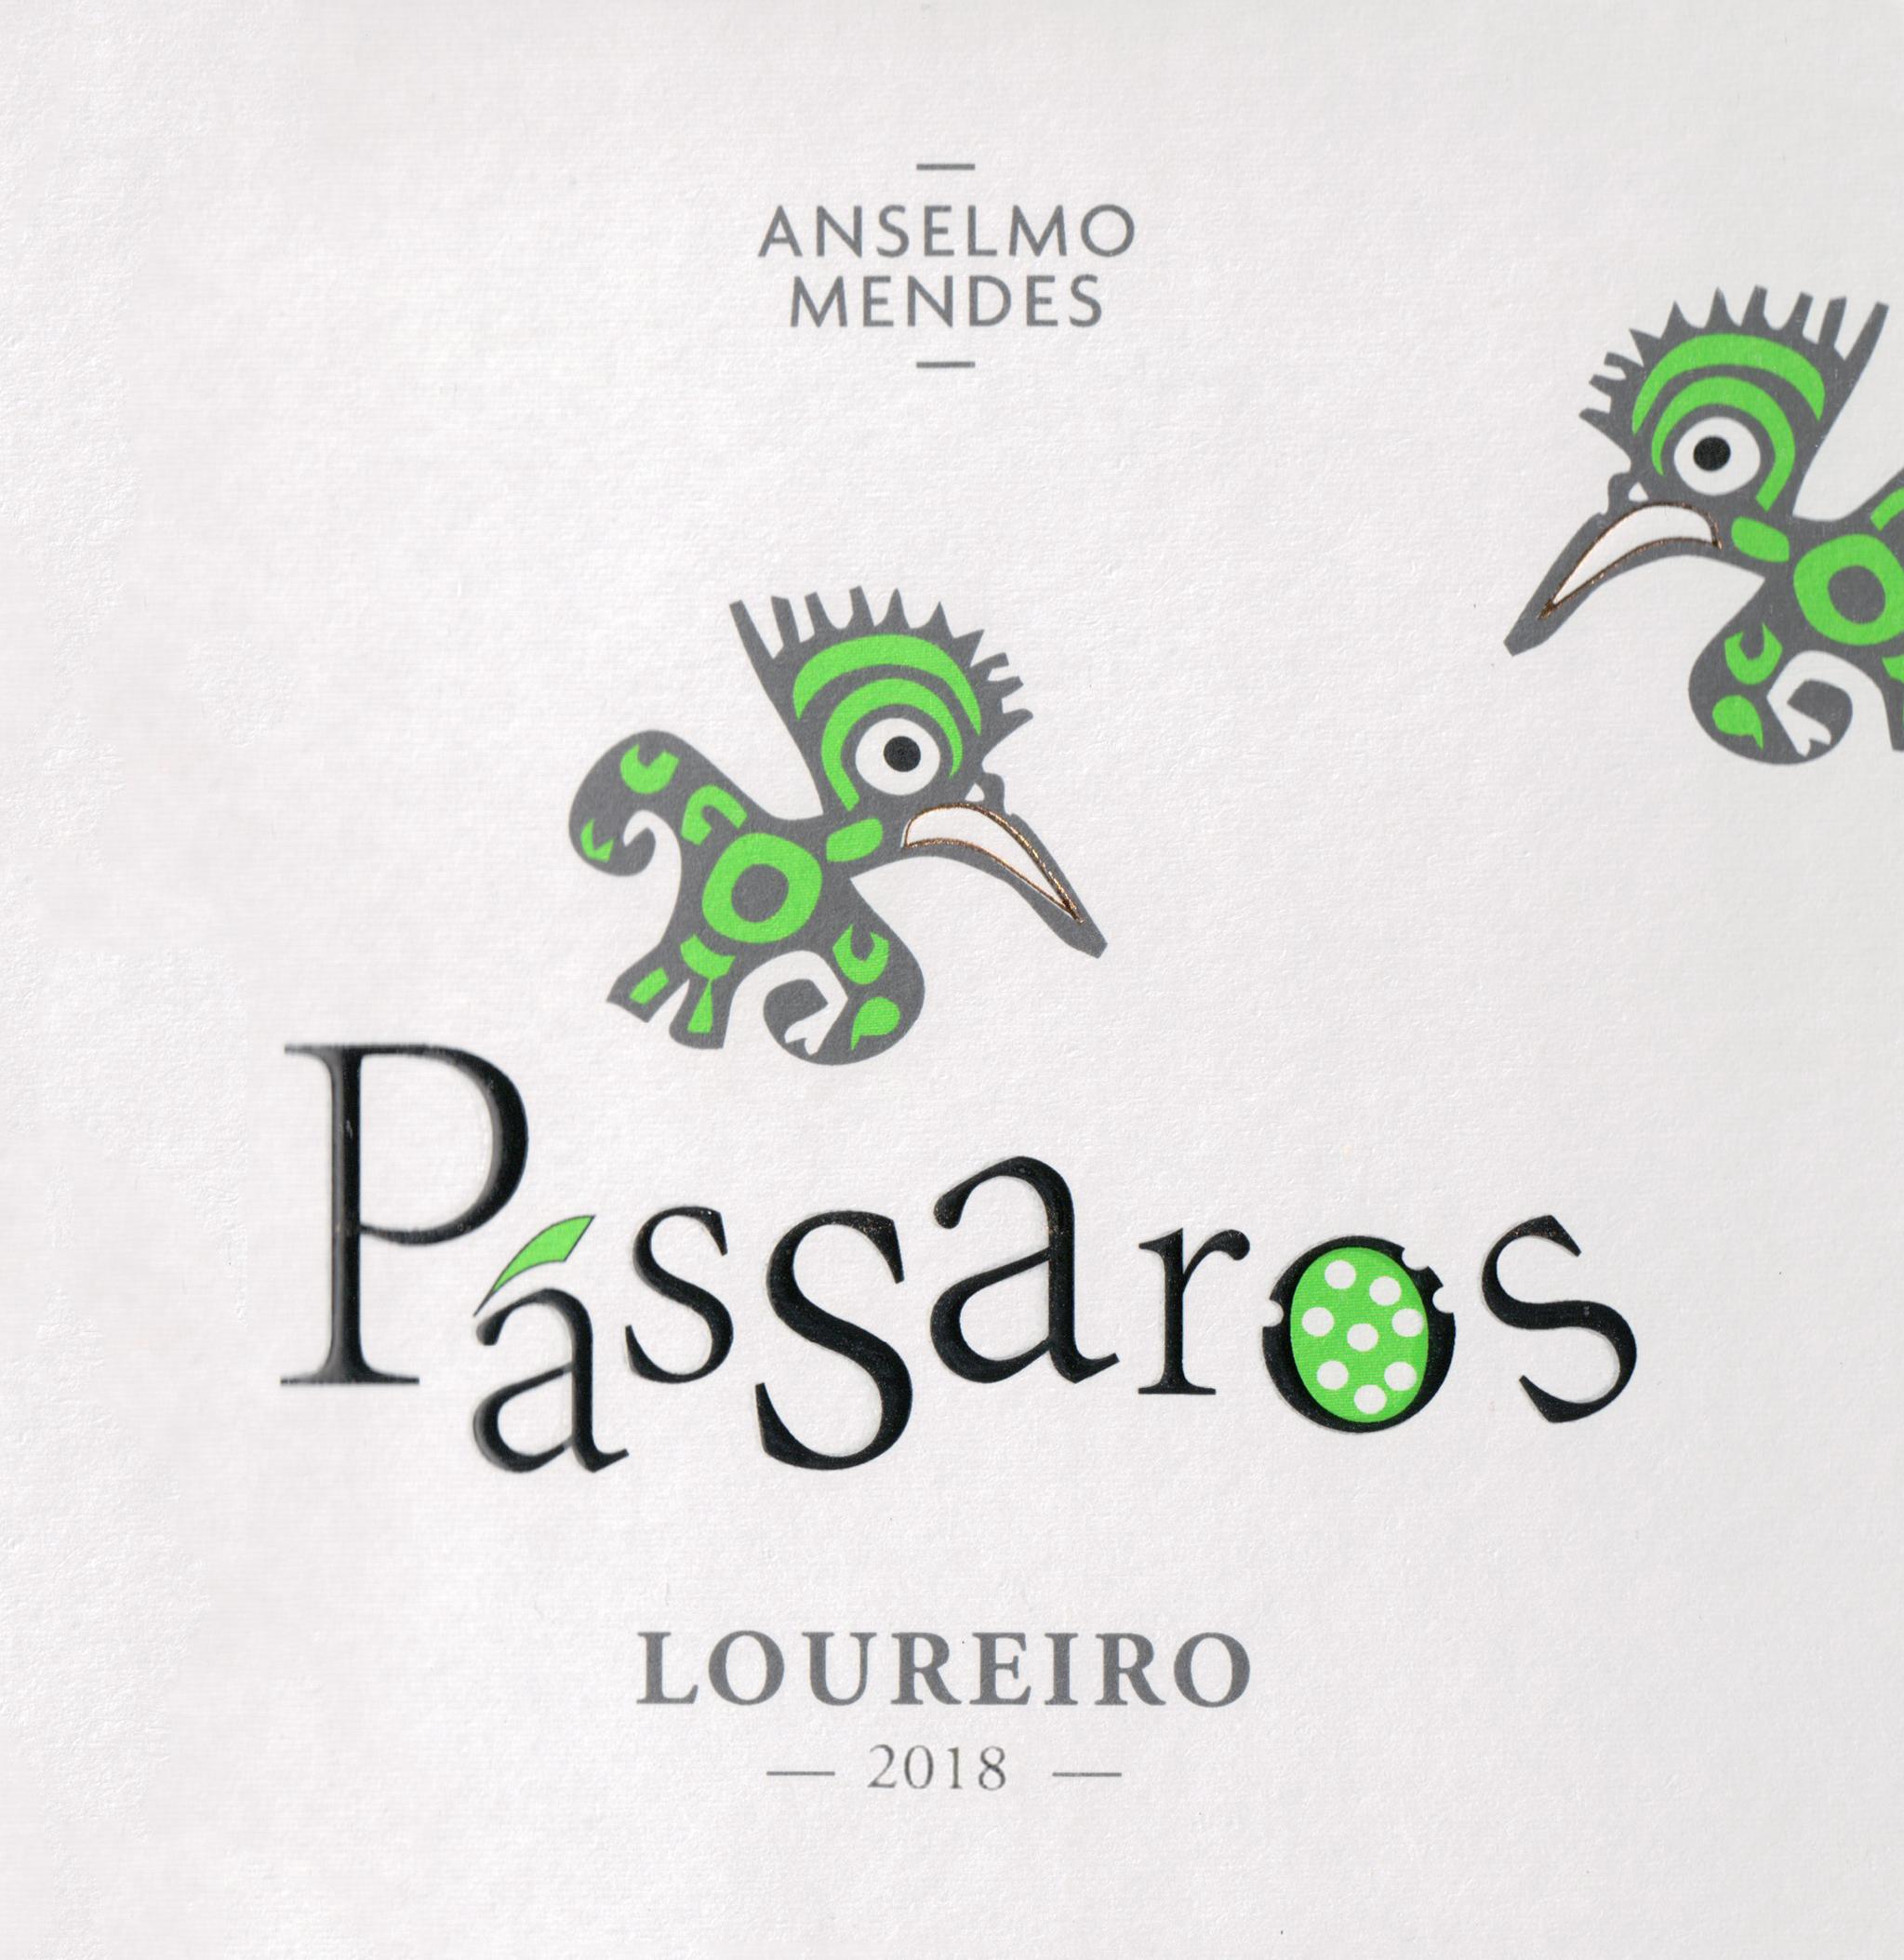 Passaros Loureiro 2018